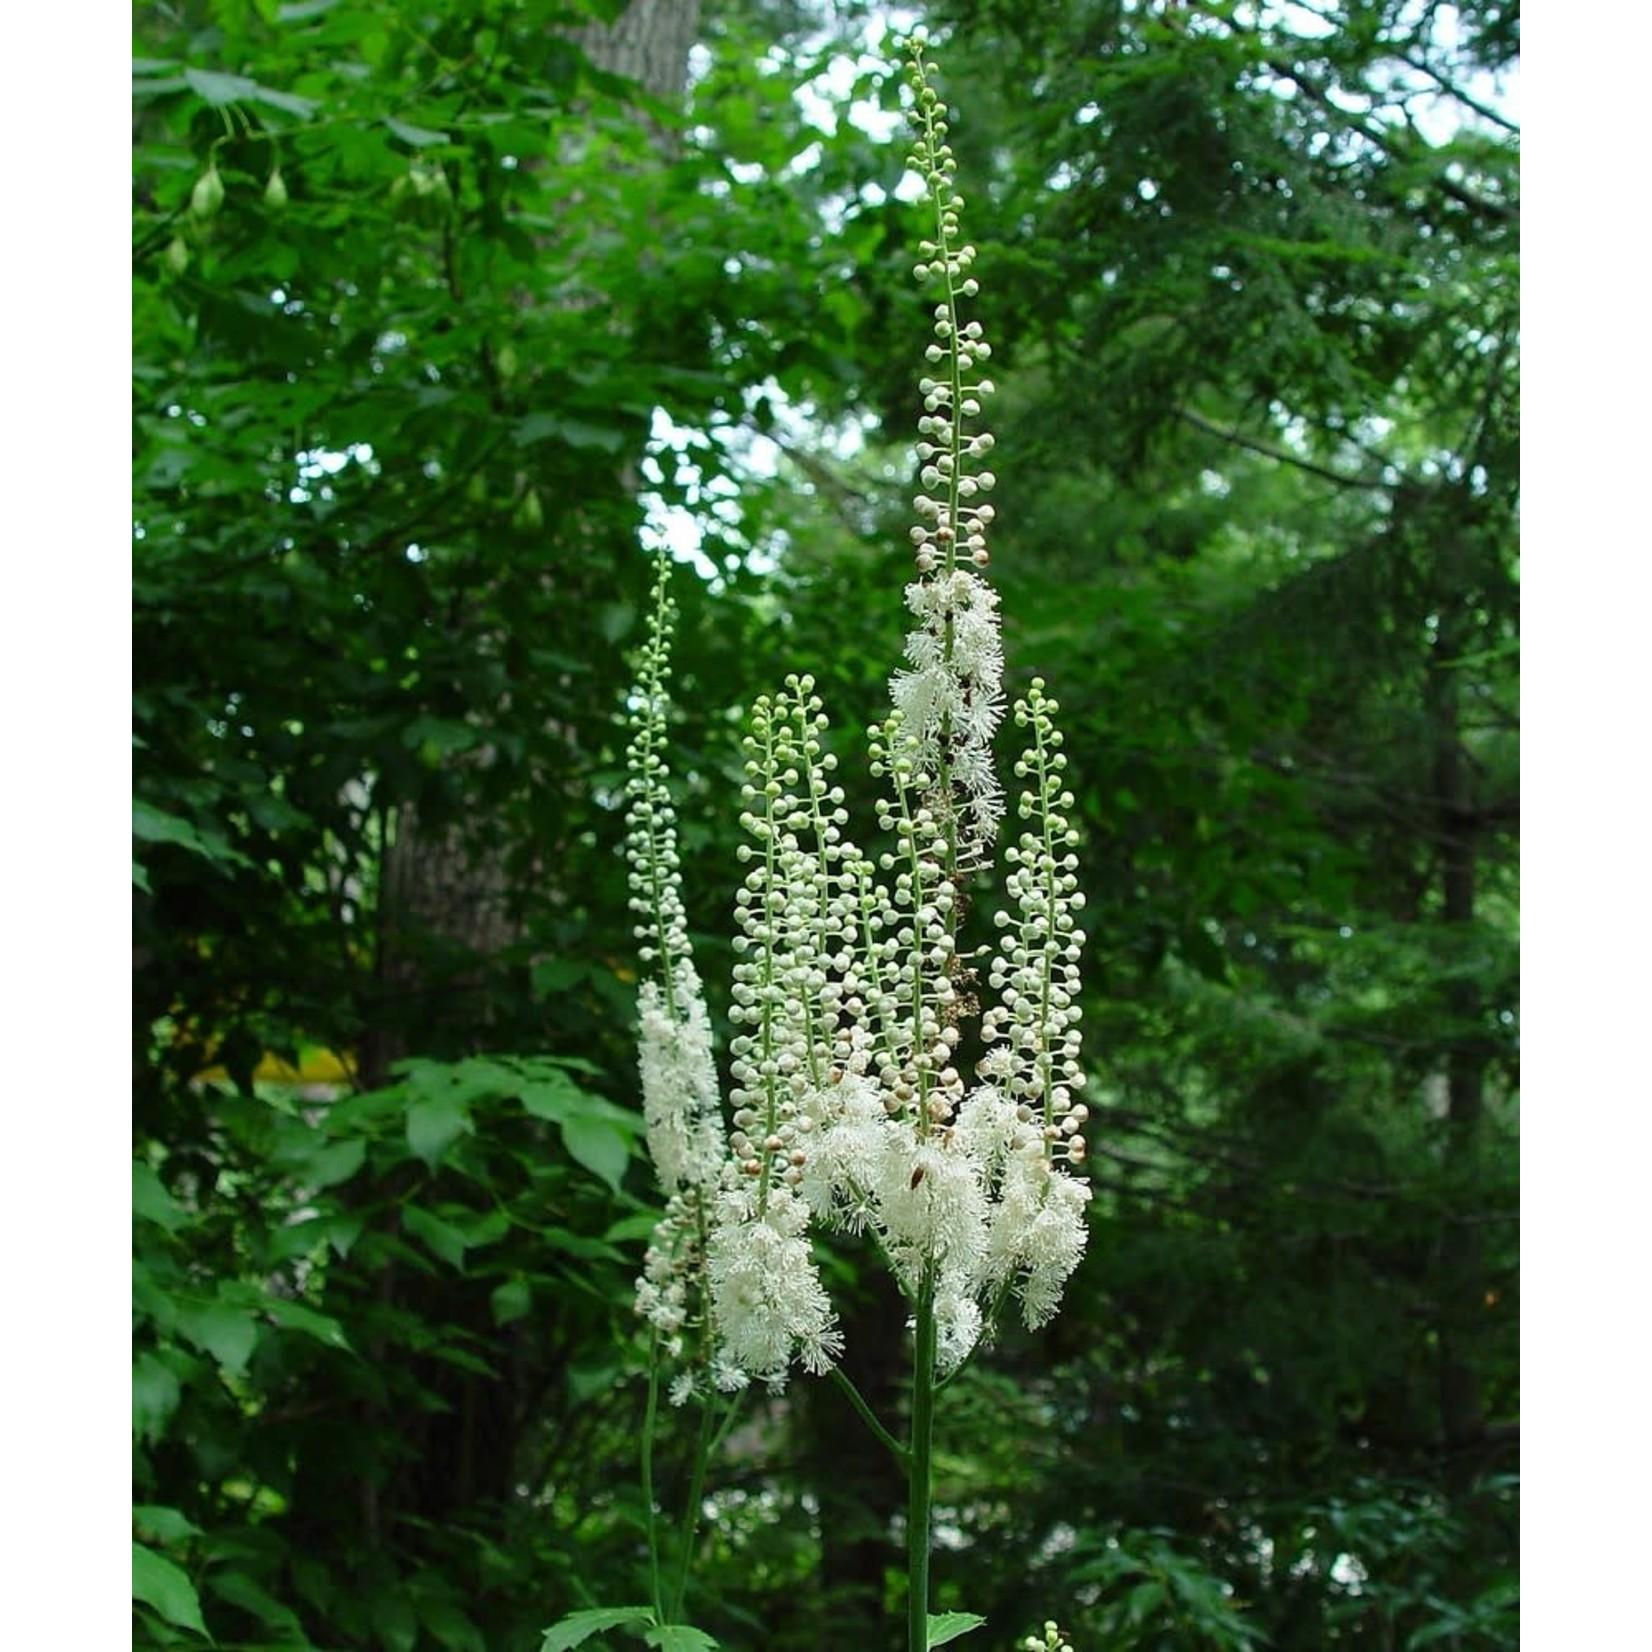 Bugbane - actaea 'Racemosa' - 1 gal